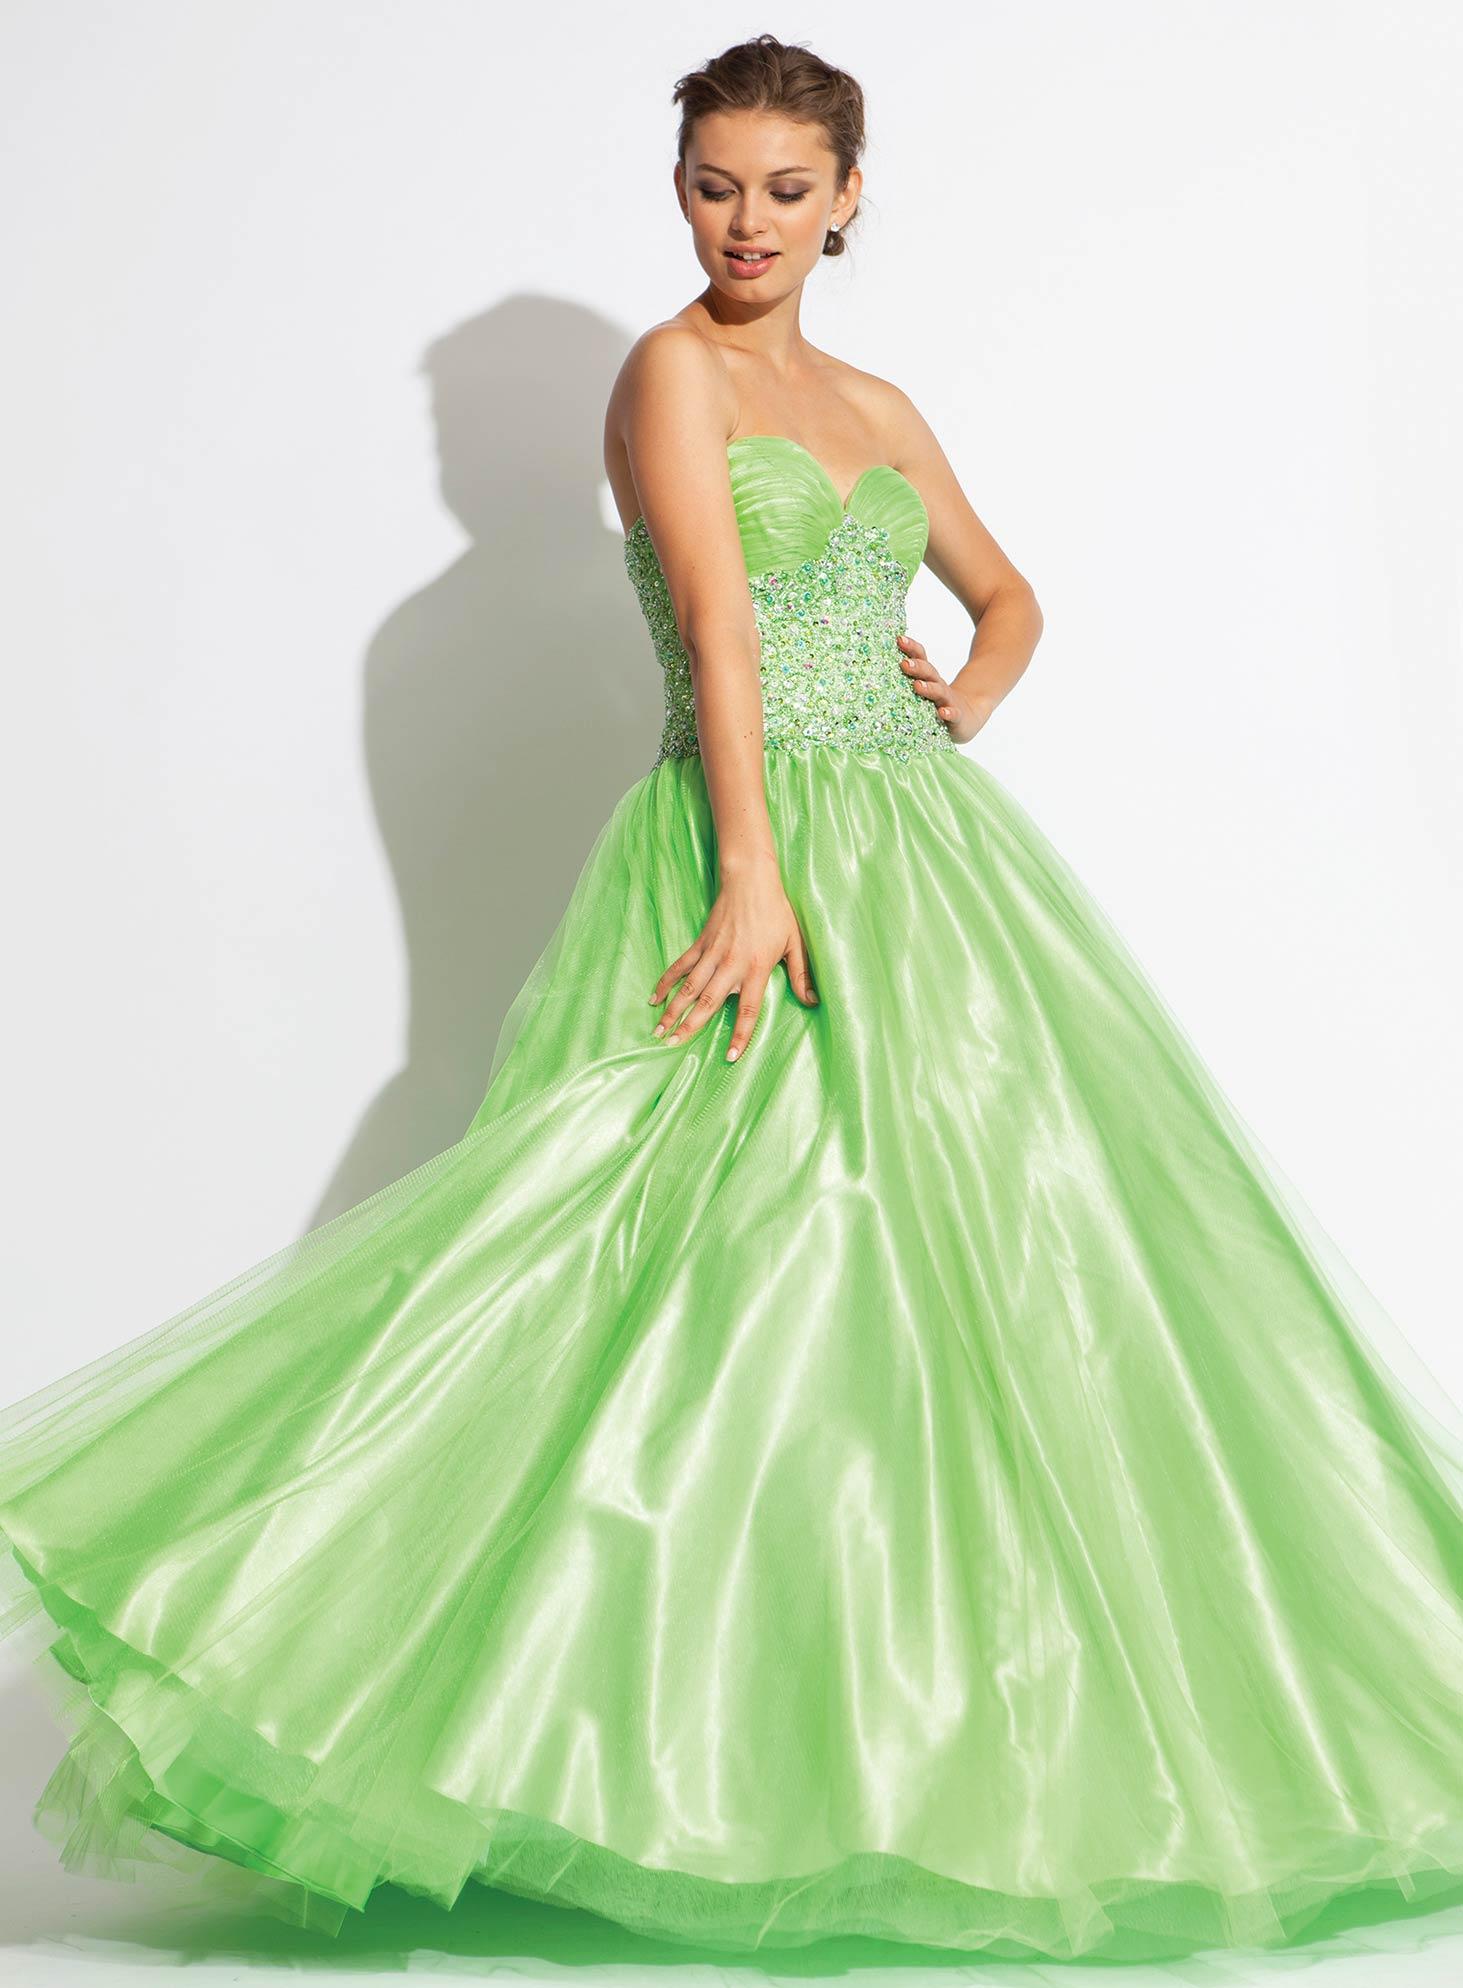 Princess Tiana Ball Gown   Dress images